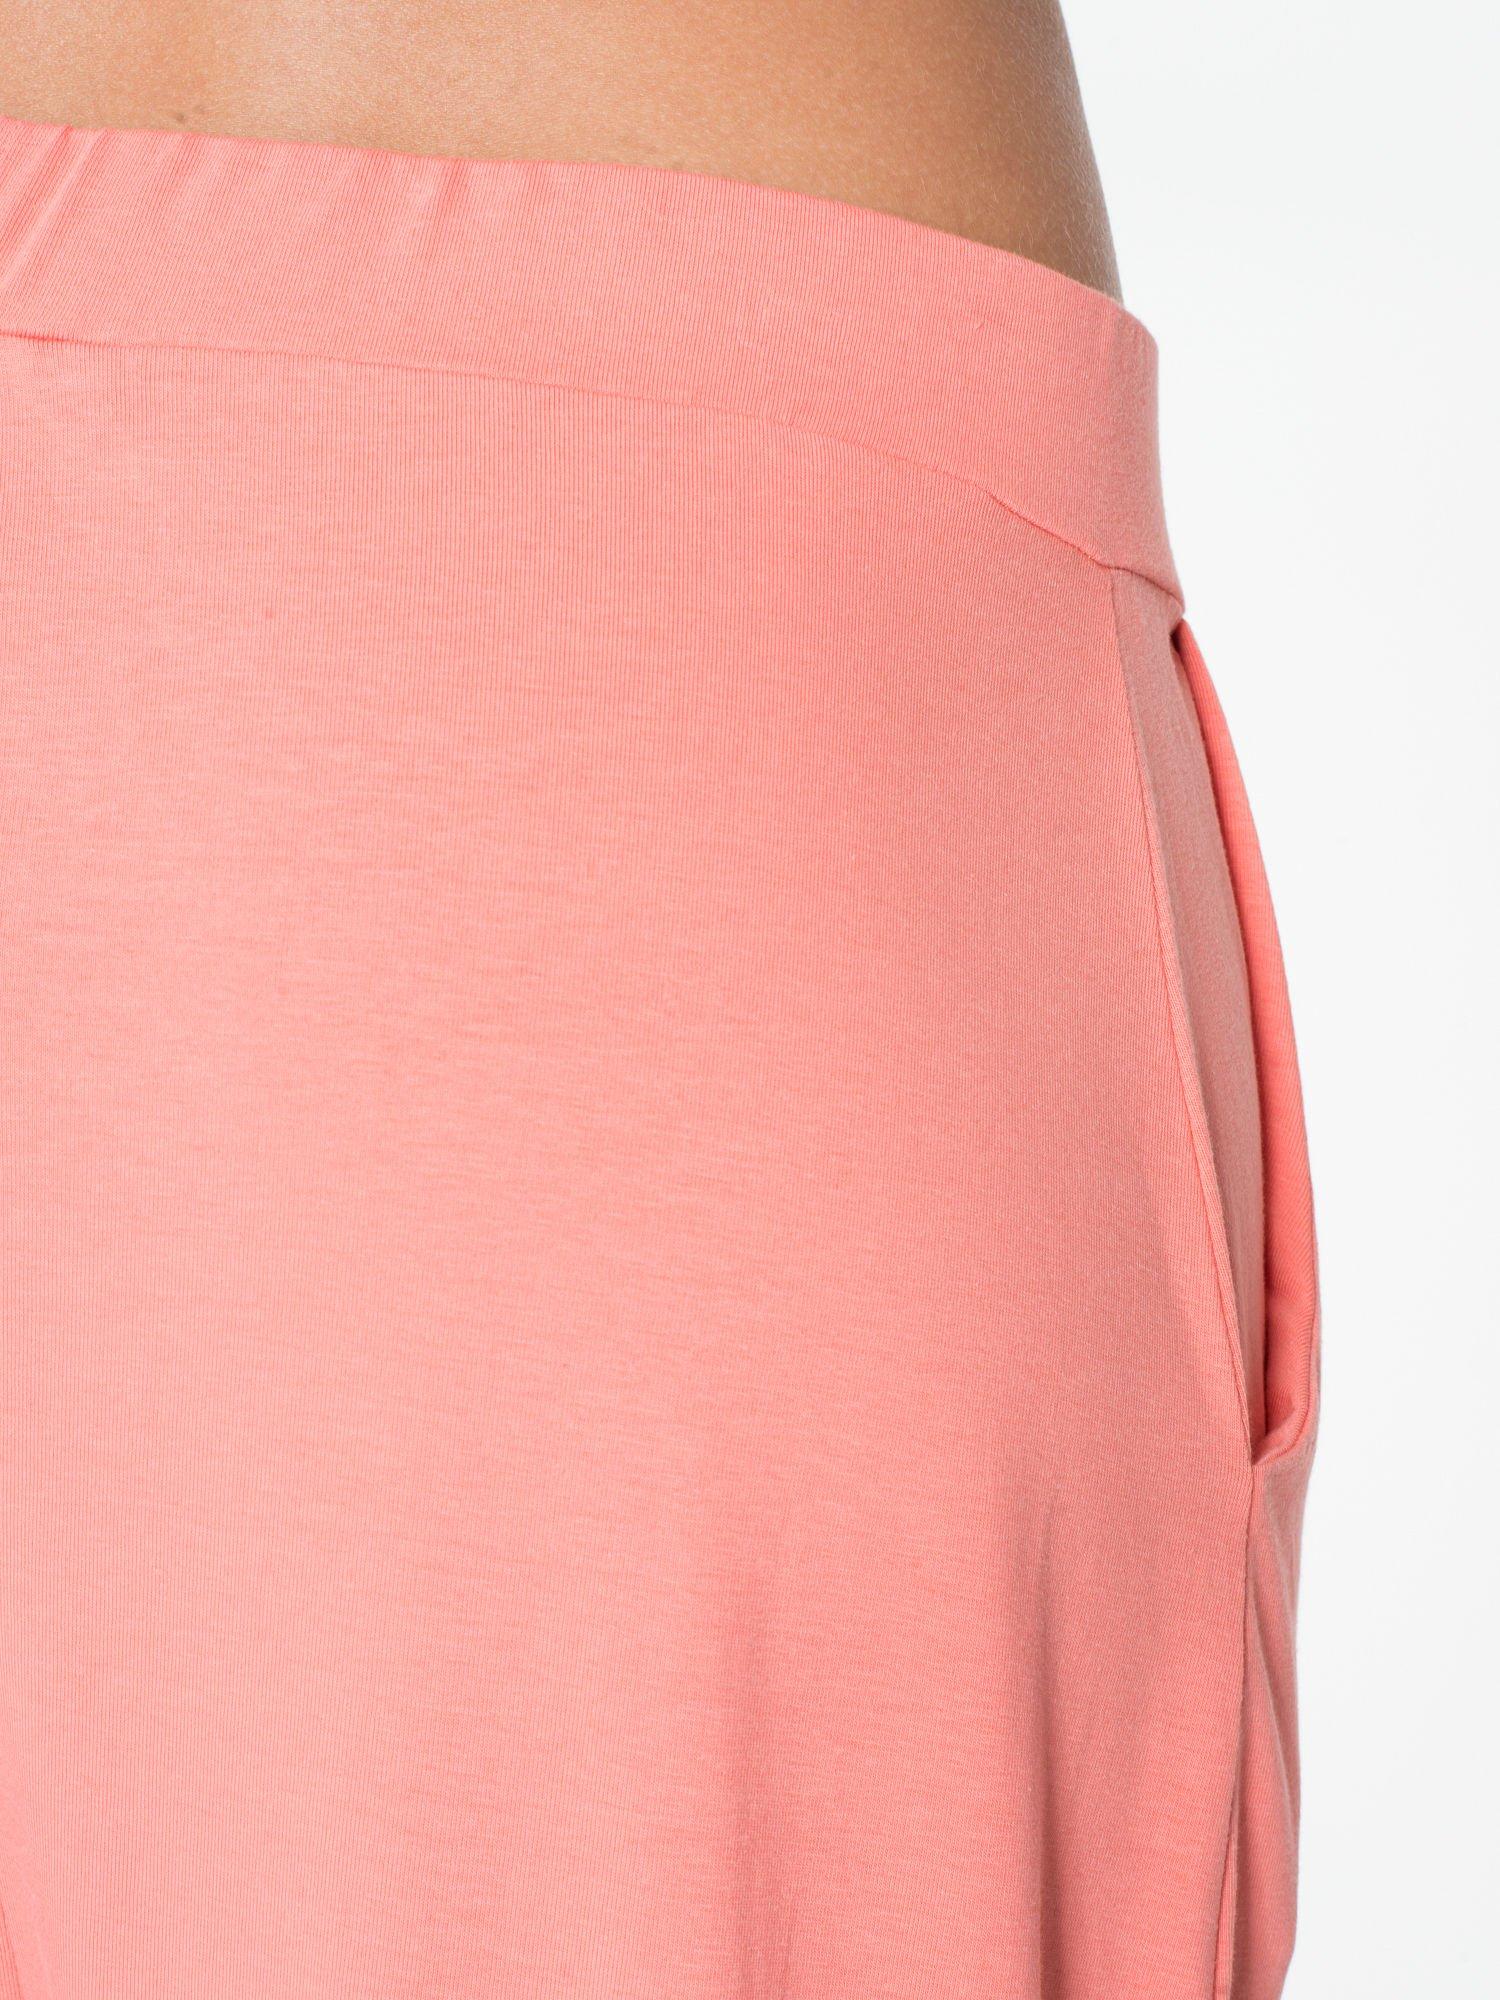 Jasnokoralowe spodnie dresowe typu baggy z guziczkami                                  zdj.                                  8